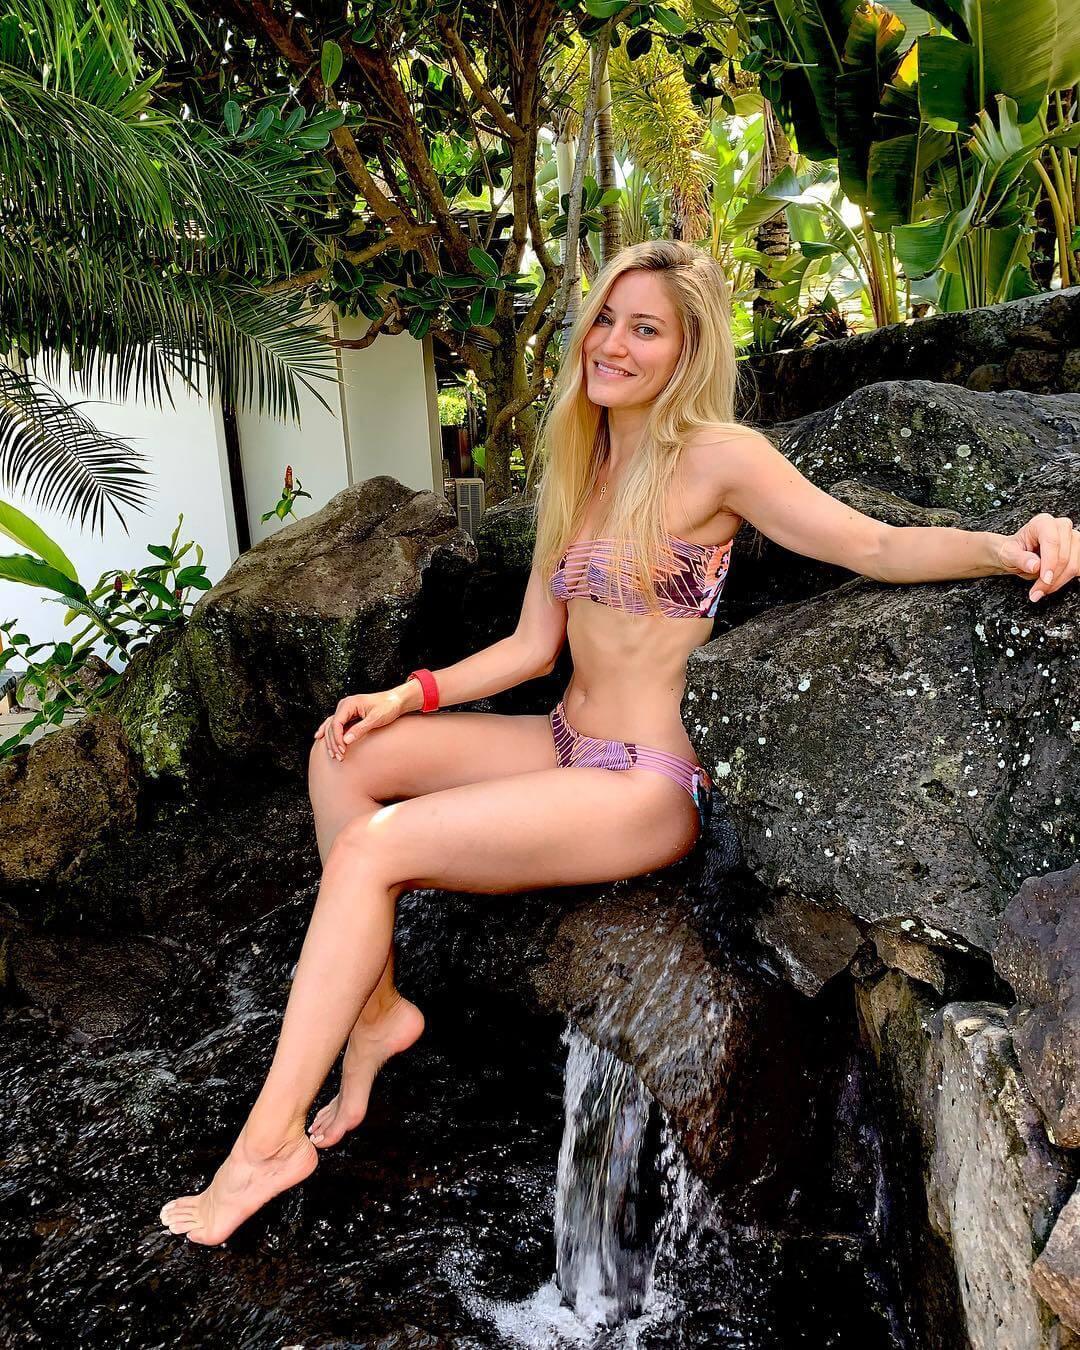 iJustine sexy bikini pics (2)